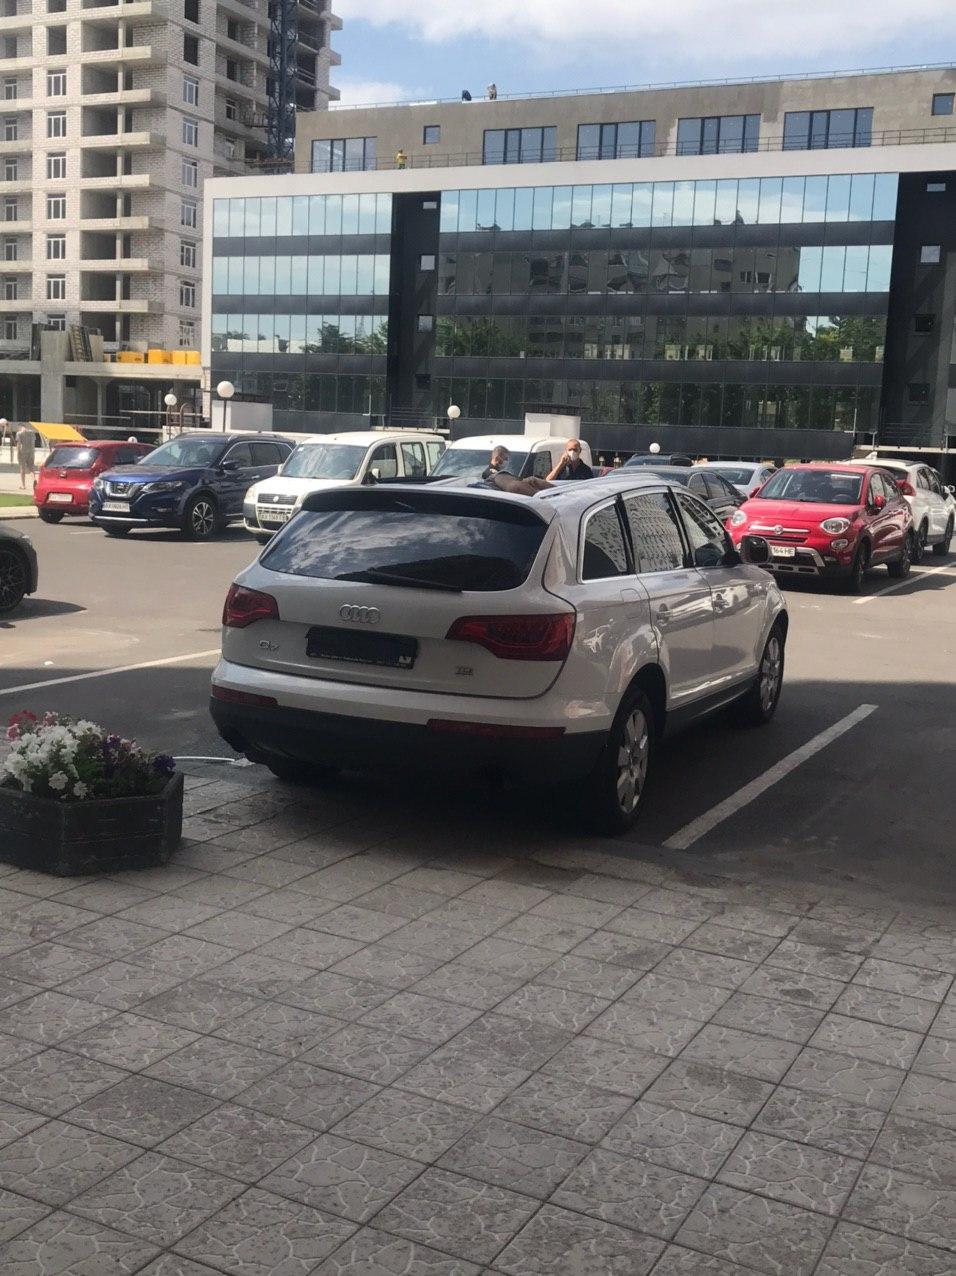 Подробности трагедии: мужчина выпал из окна на автомобиль